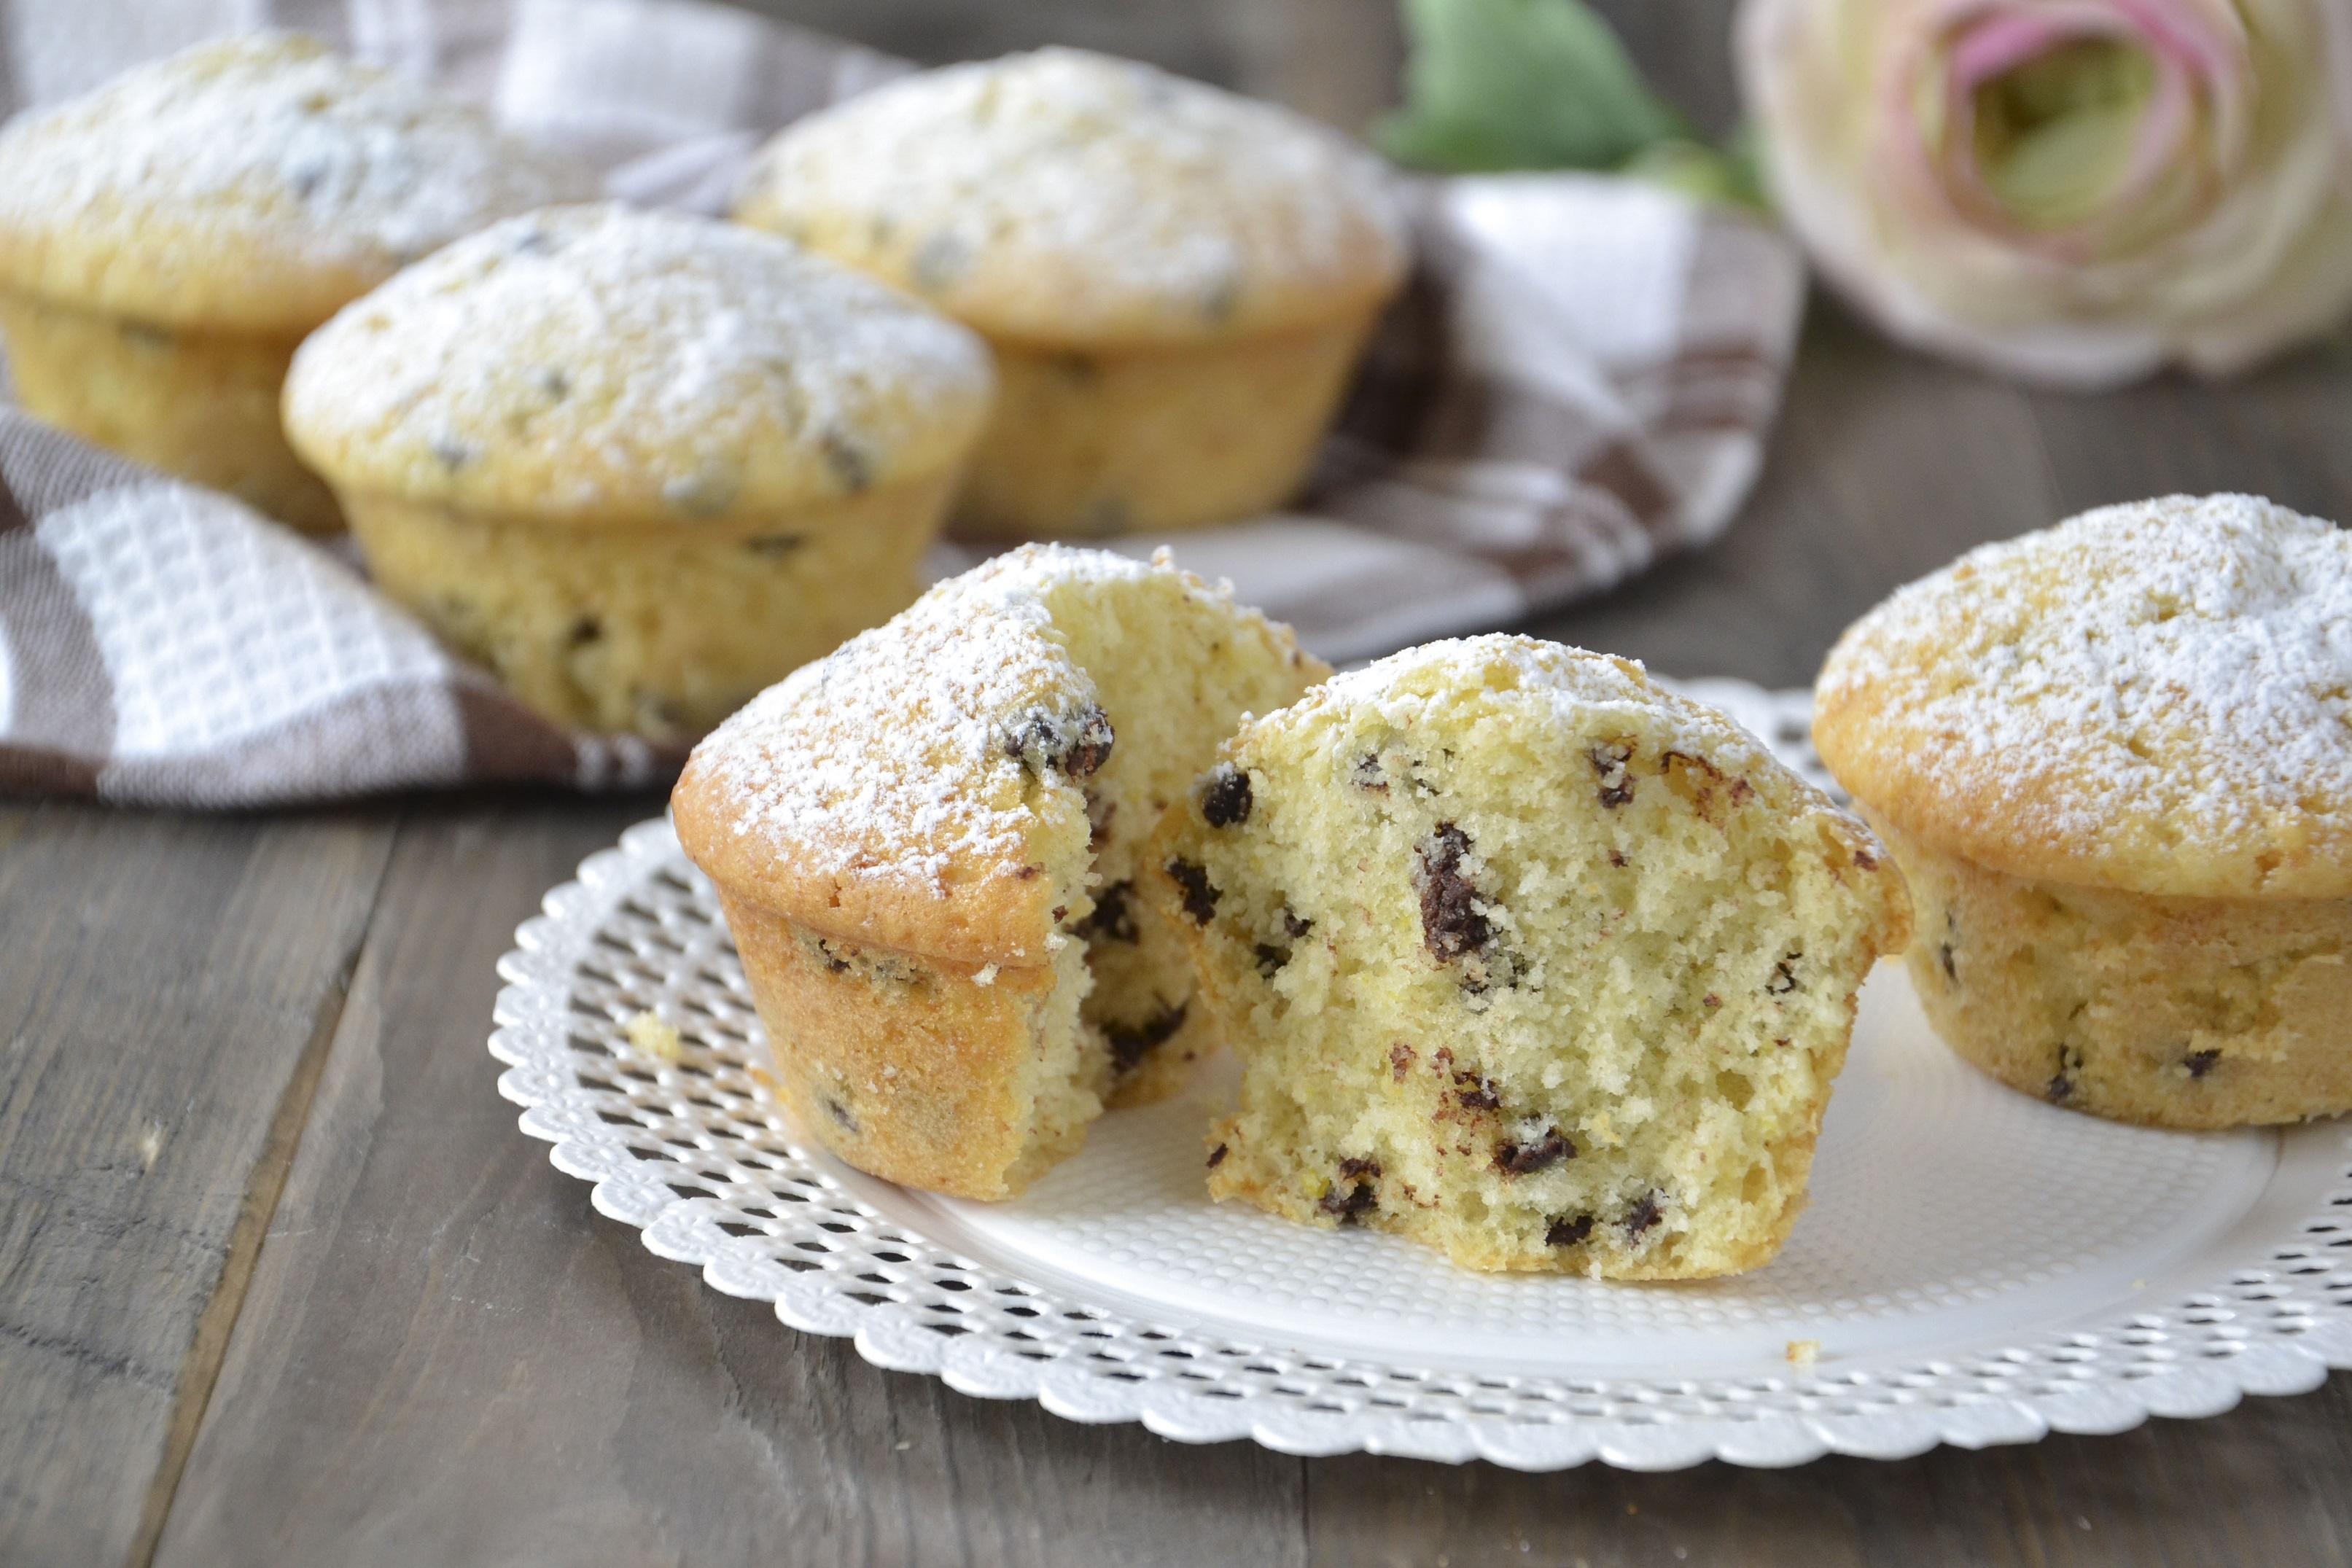 Ricetta Muffin Con Gocce Di Cioccolato.Muffin Con Gocce Di Cioccolato Fondente Ricetta Facile E Veloce